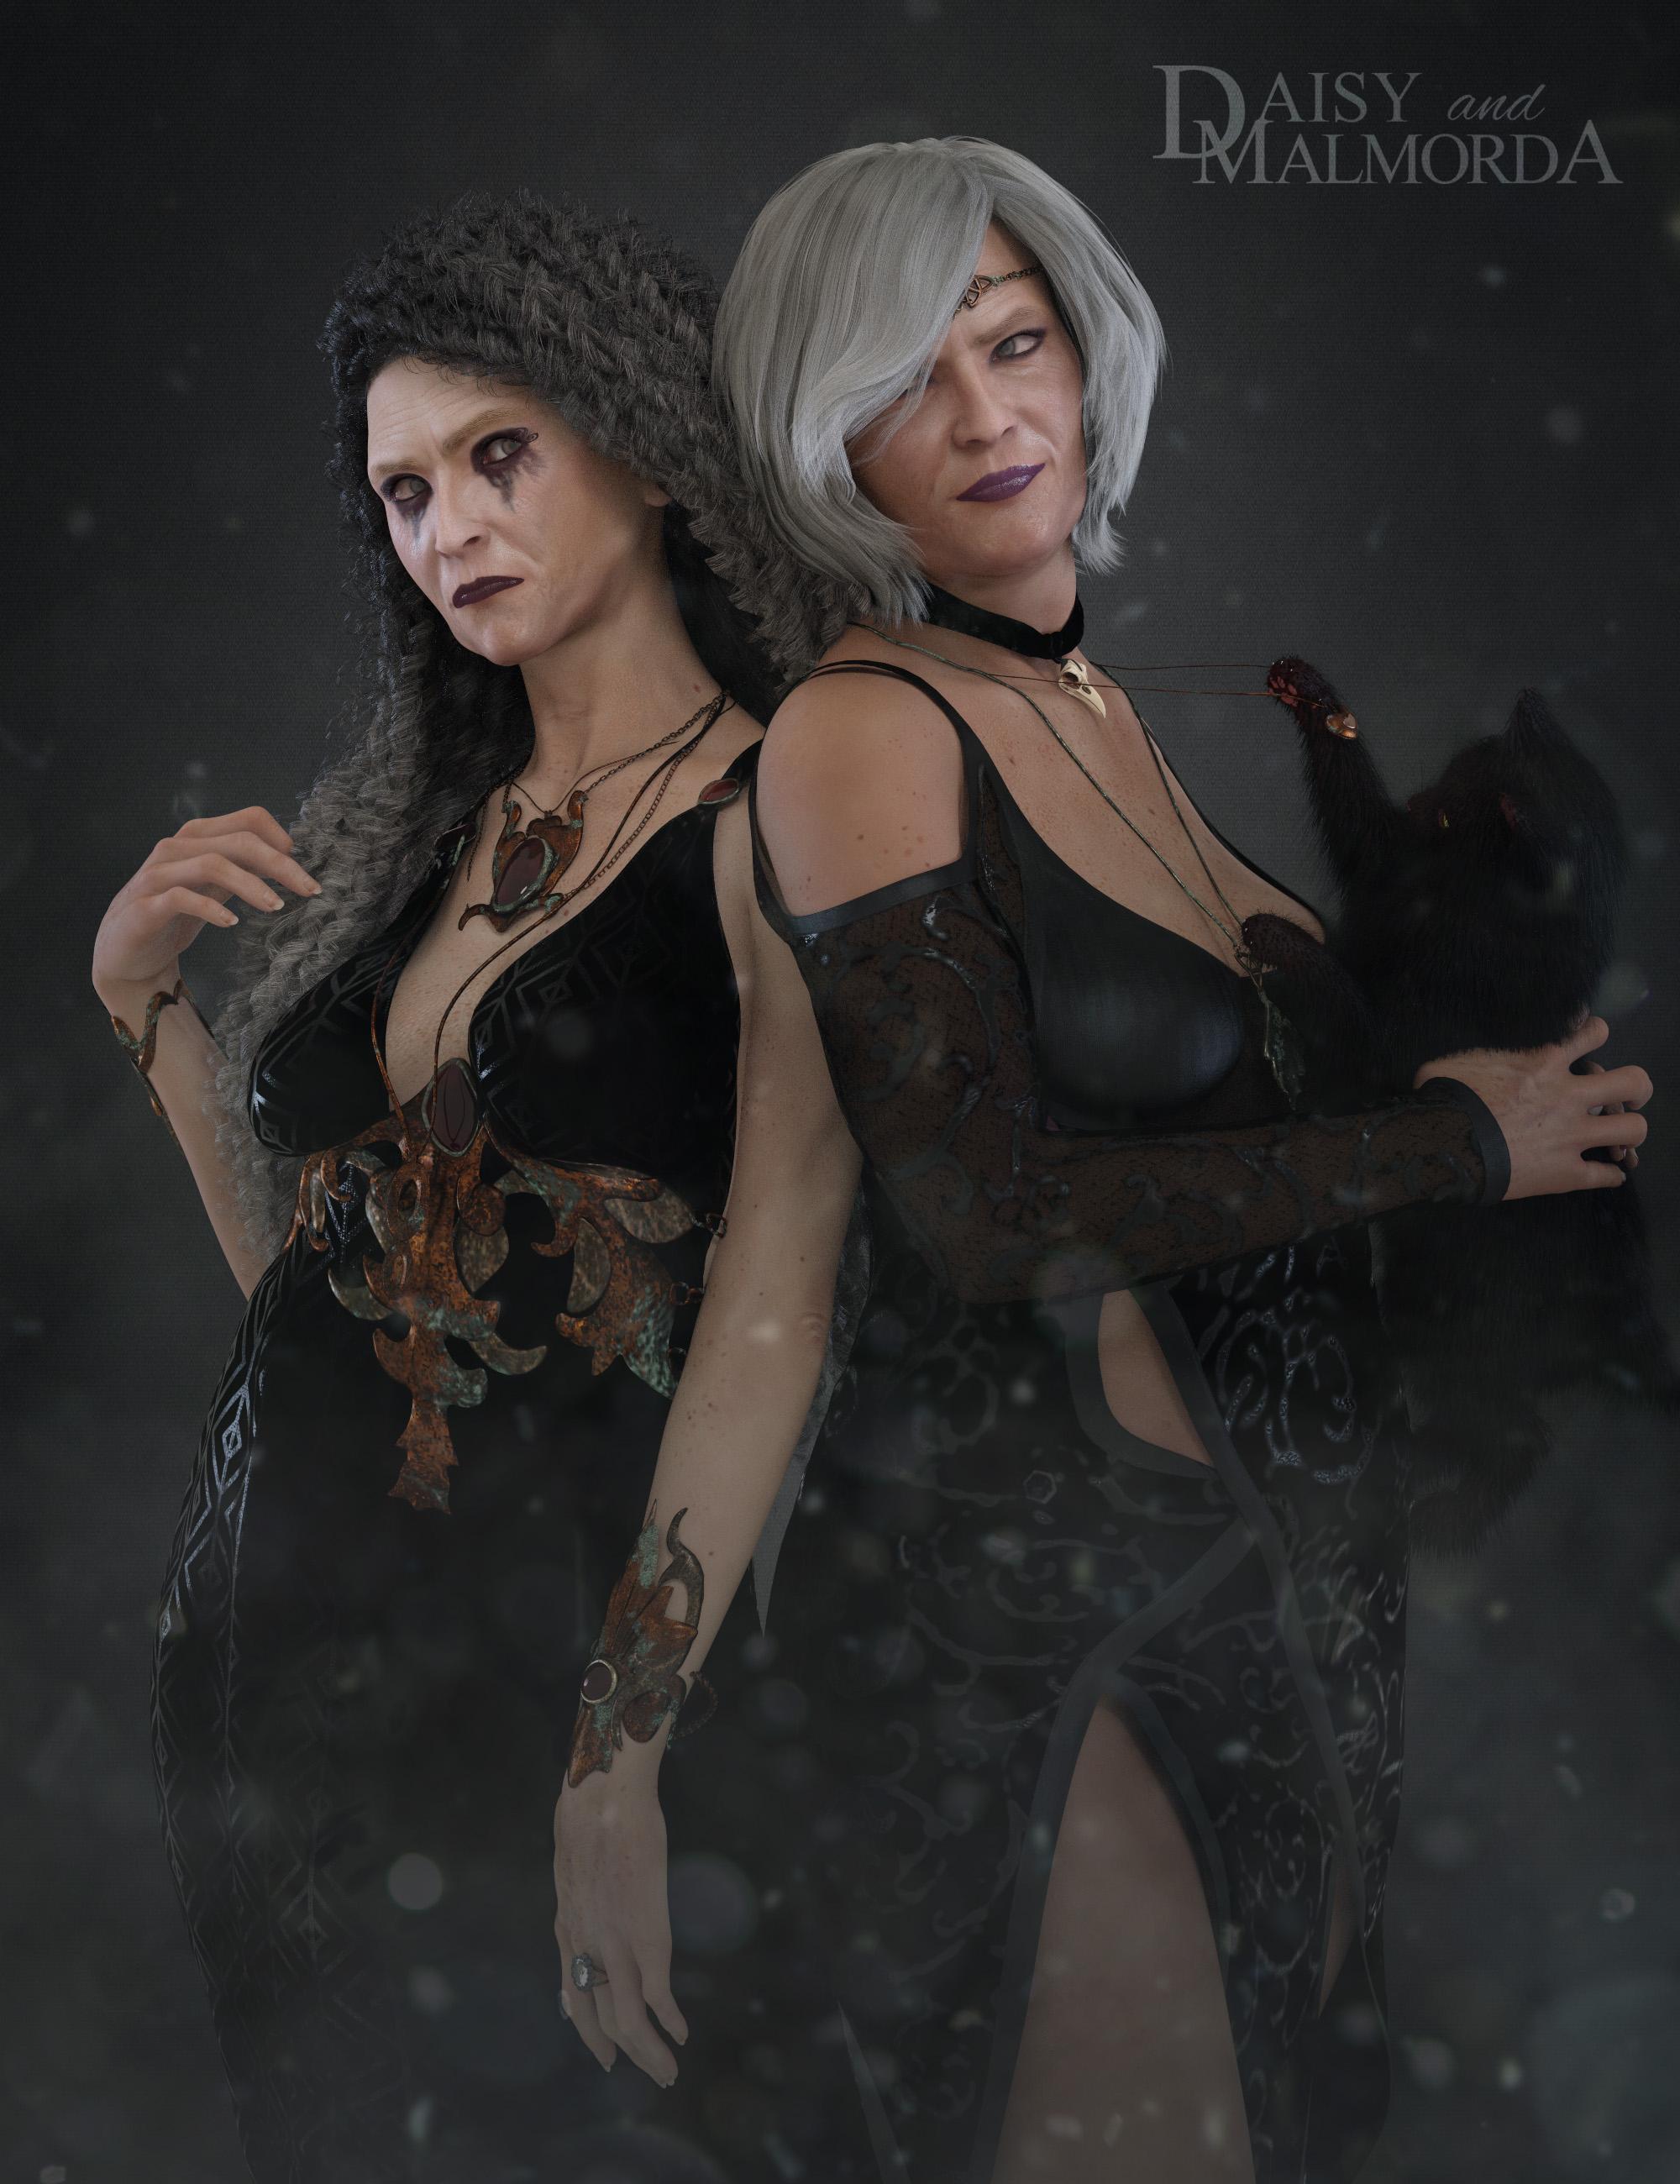 EJ Daisy and Malmorda for Genesis 8 Female by: EmmaAndJordi, 3D Models by Daz 3D